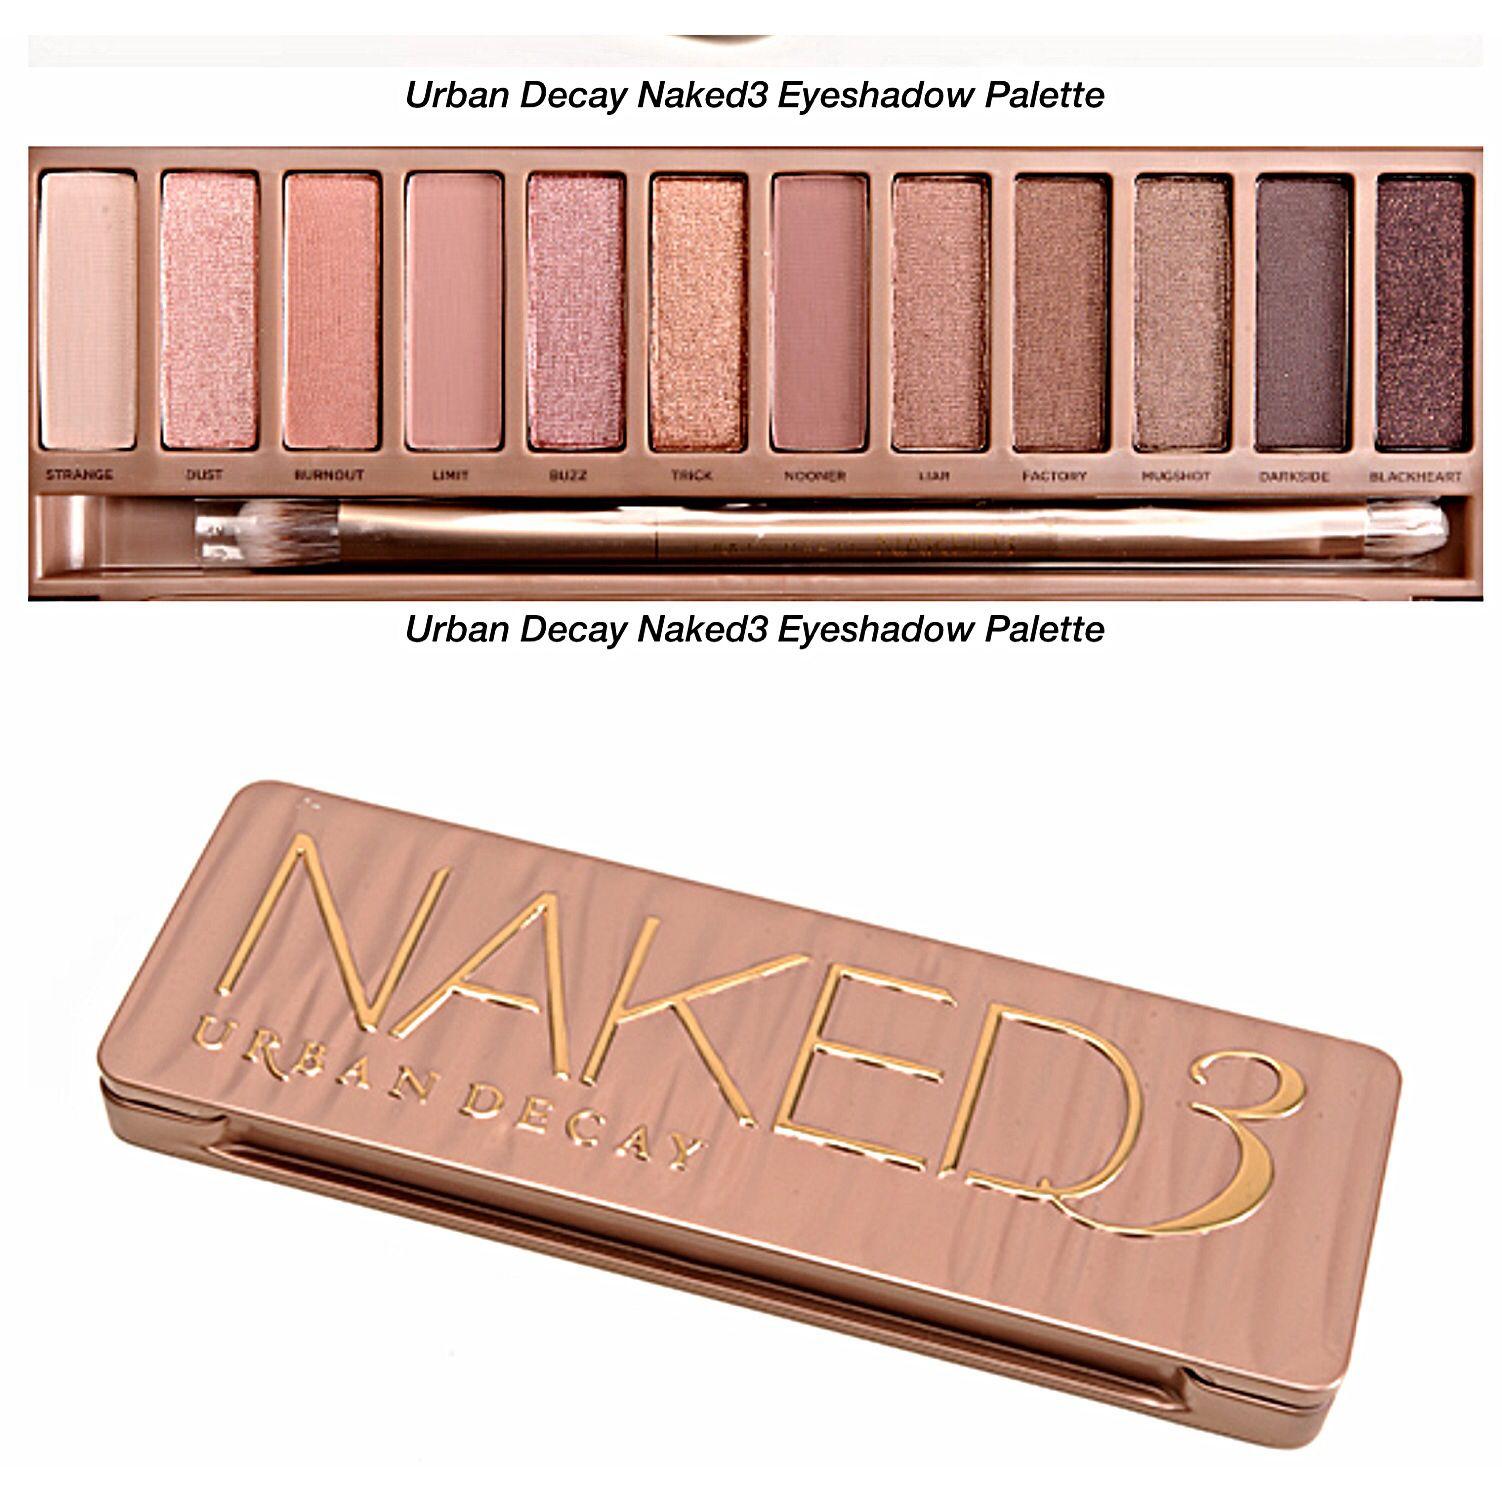 Desperately want the Naked 3 palette for Christmas! #agirlcandream